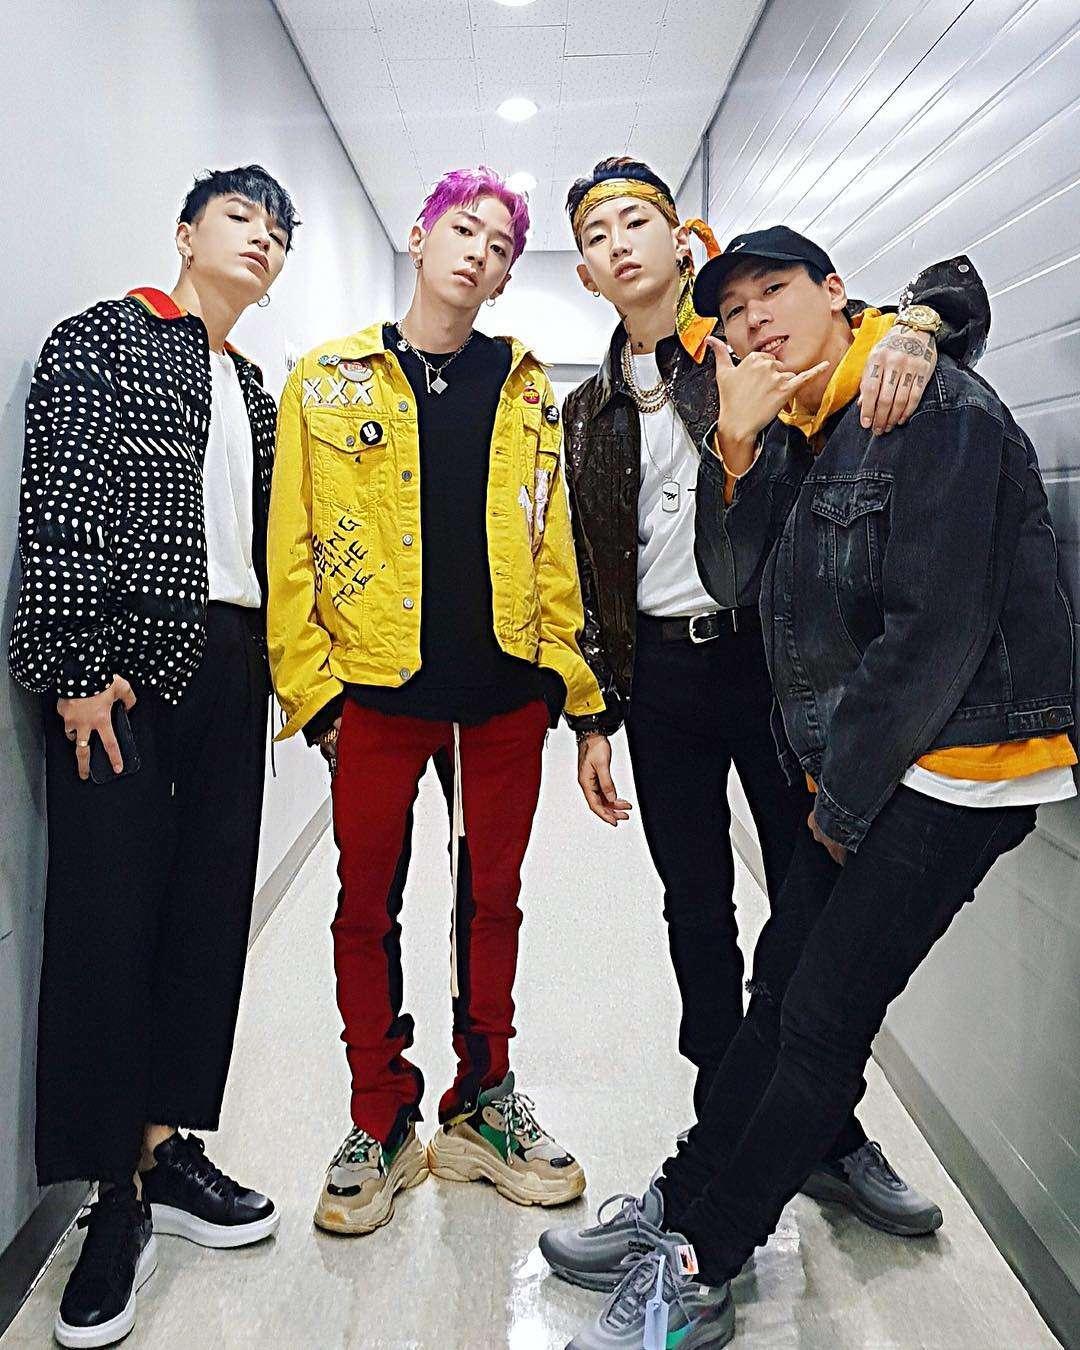 有在Follow韓國饒舌的人就一定會知道AOMG!由Jay Park創立,旗下的藝人包括Simon D、Gray、Loco、禹元宰、Hoody、DJ Pumkin等有才的Artists!今天就要來介紹A社藝人的時尚私服穿搭~